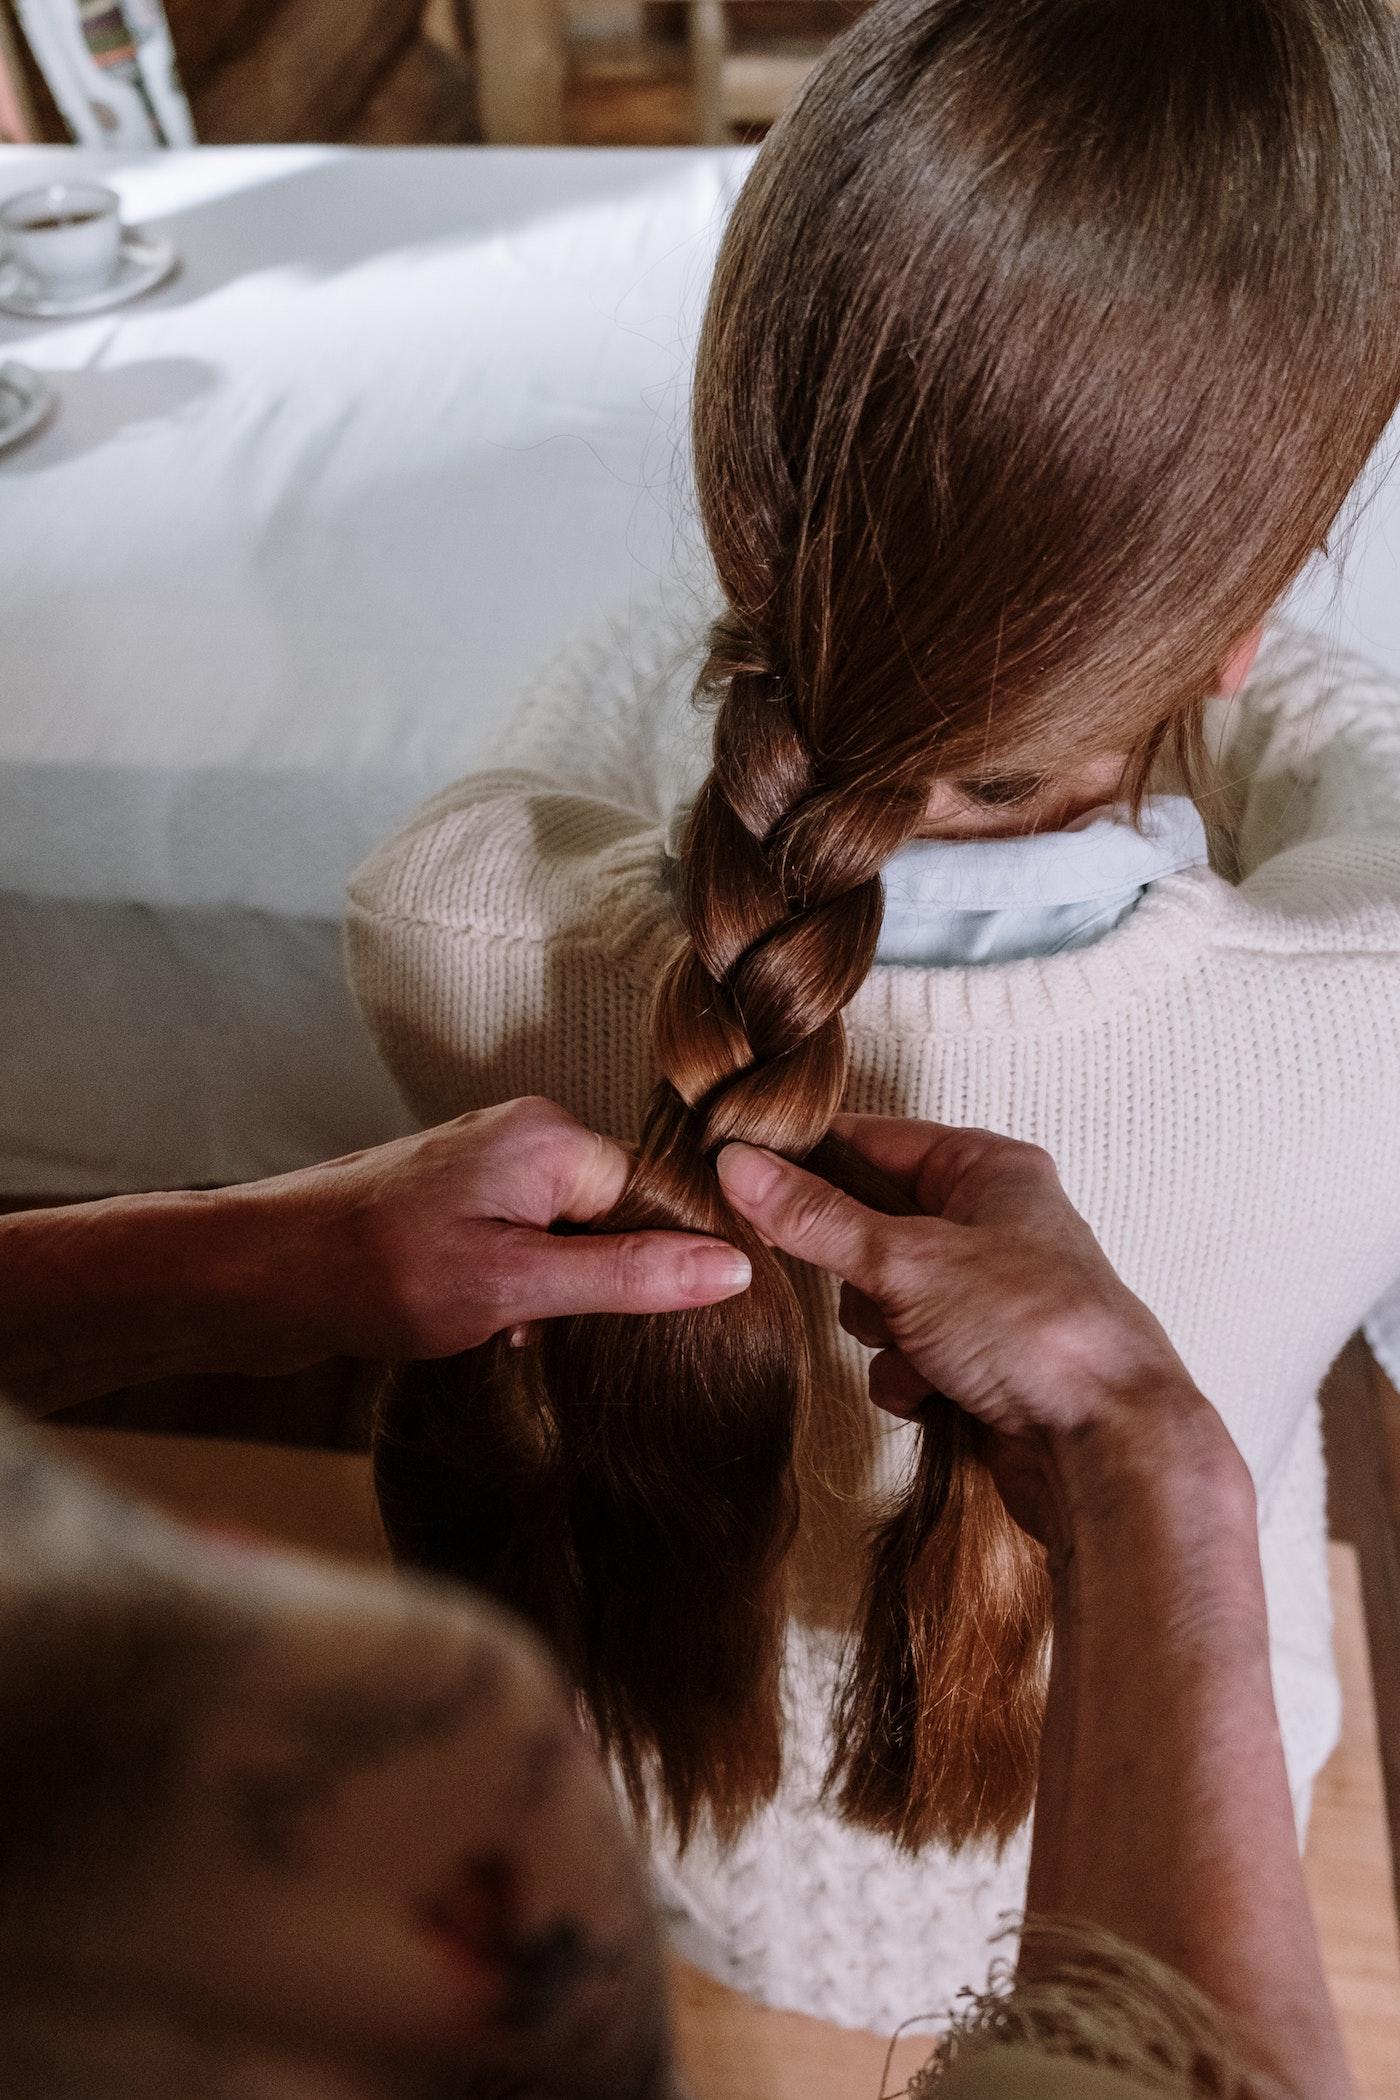 Dickes Haar bekommen Zopf geflochtene dicke braune Haare